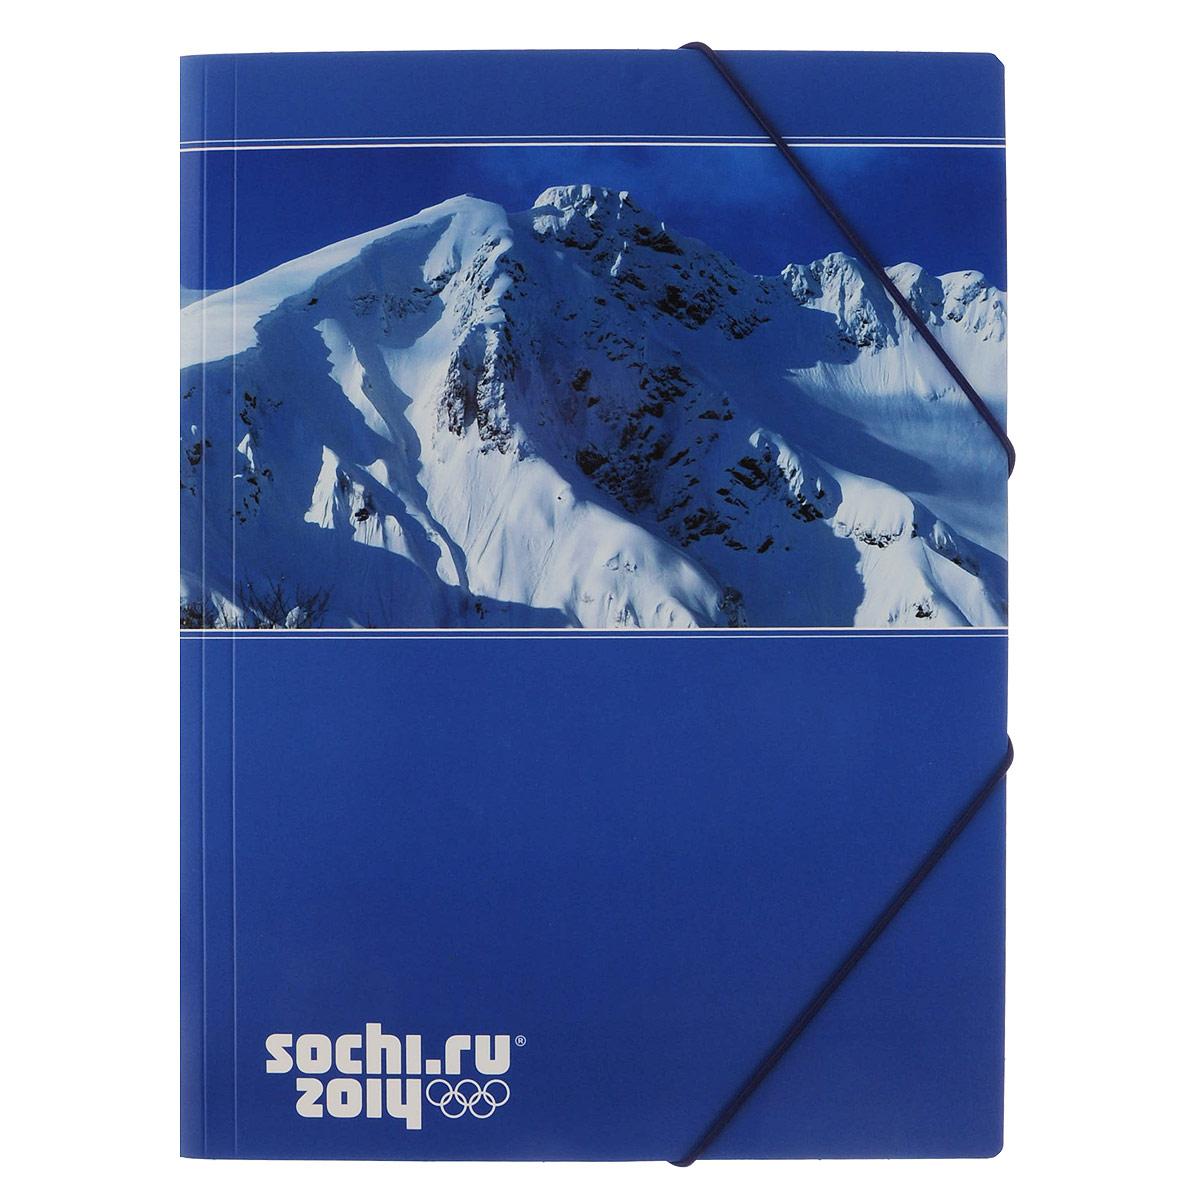 Hatber Папка на резинке Сочи-2014 Горы цвет синий